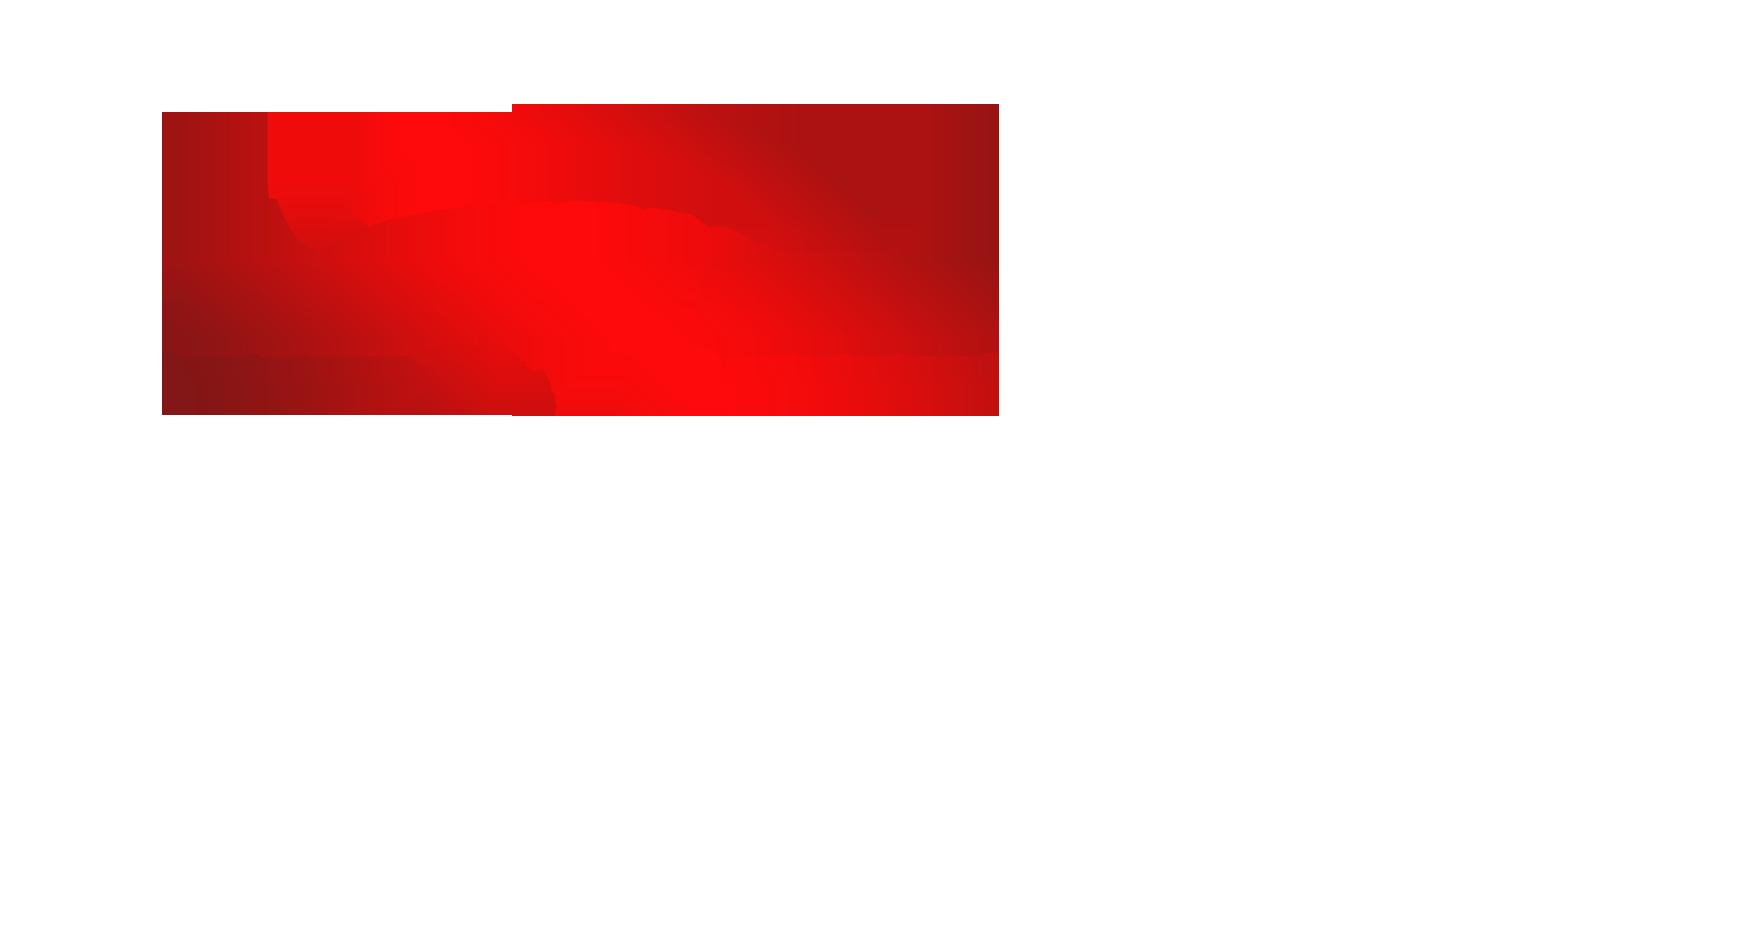 曲阜圣隆机械设备有限公司